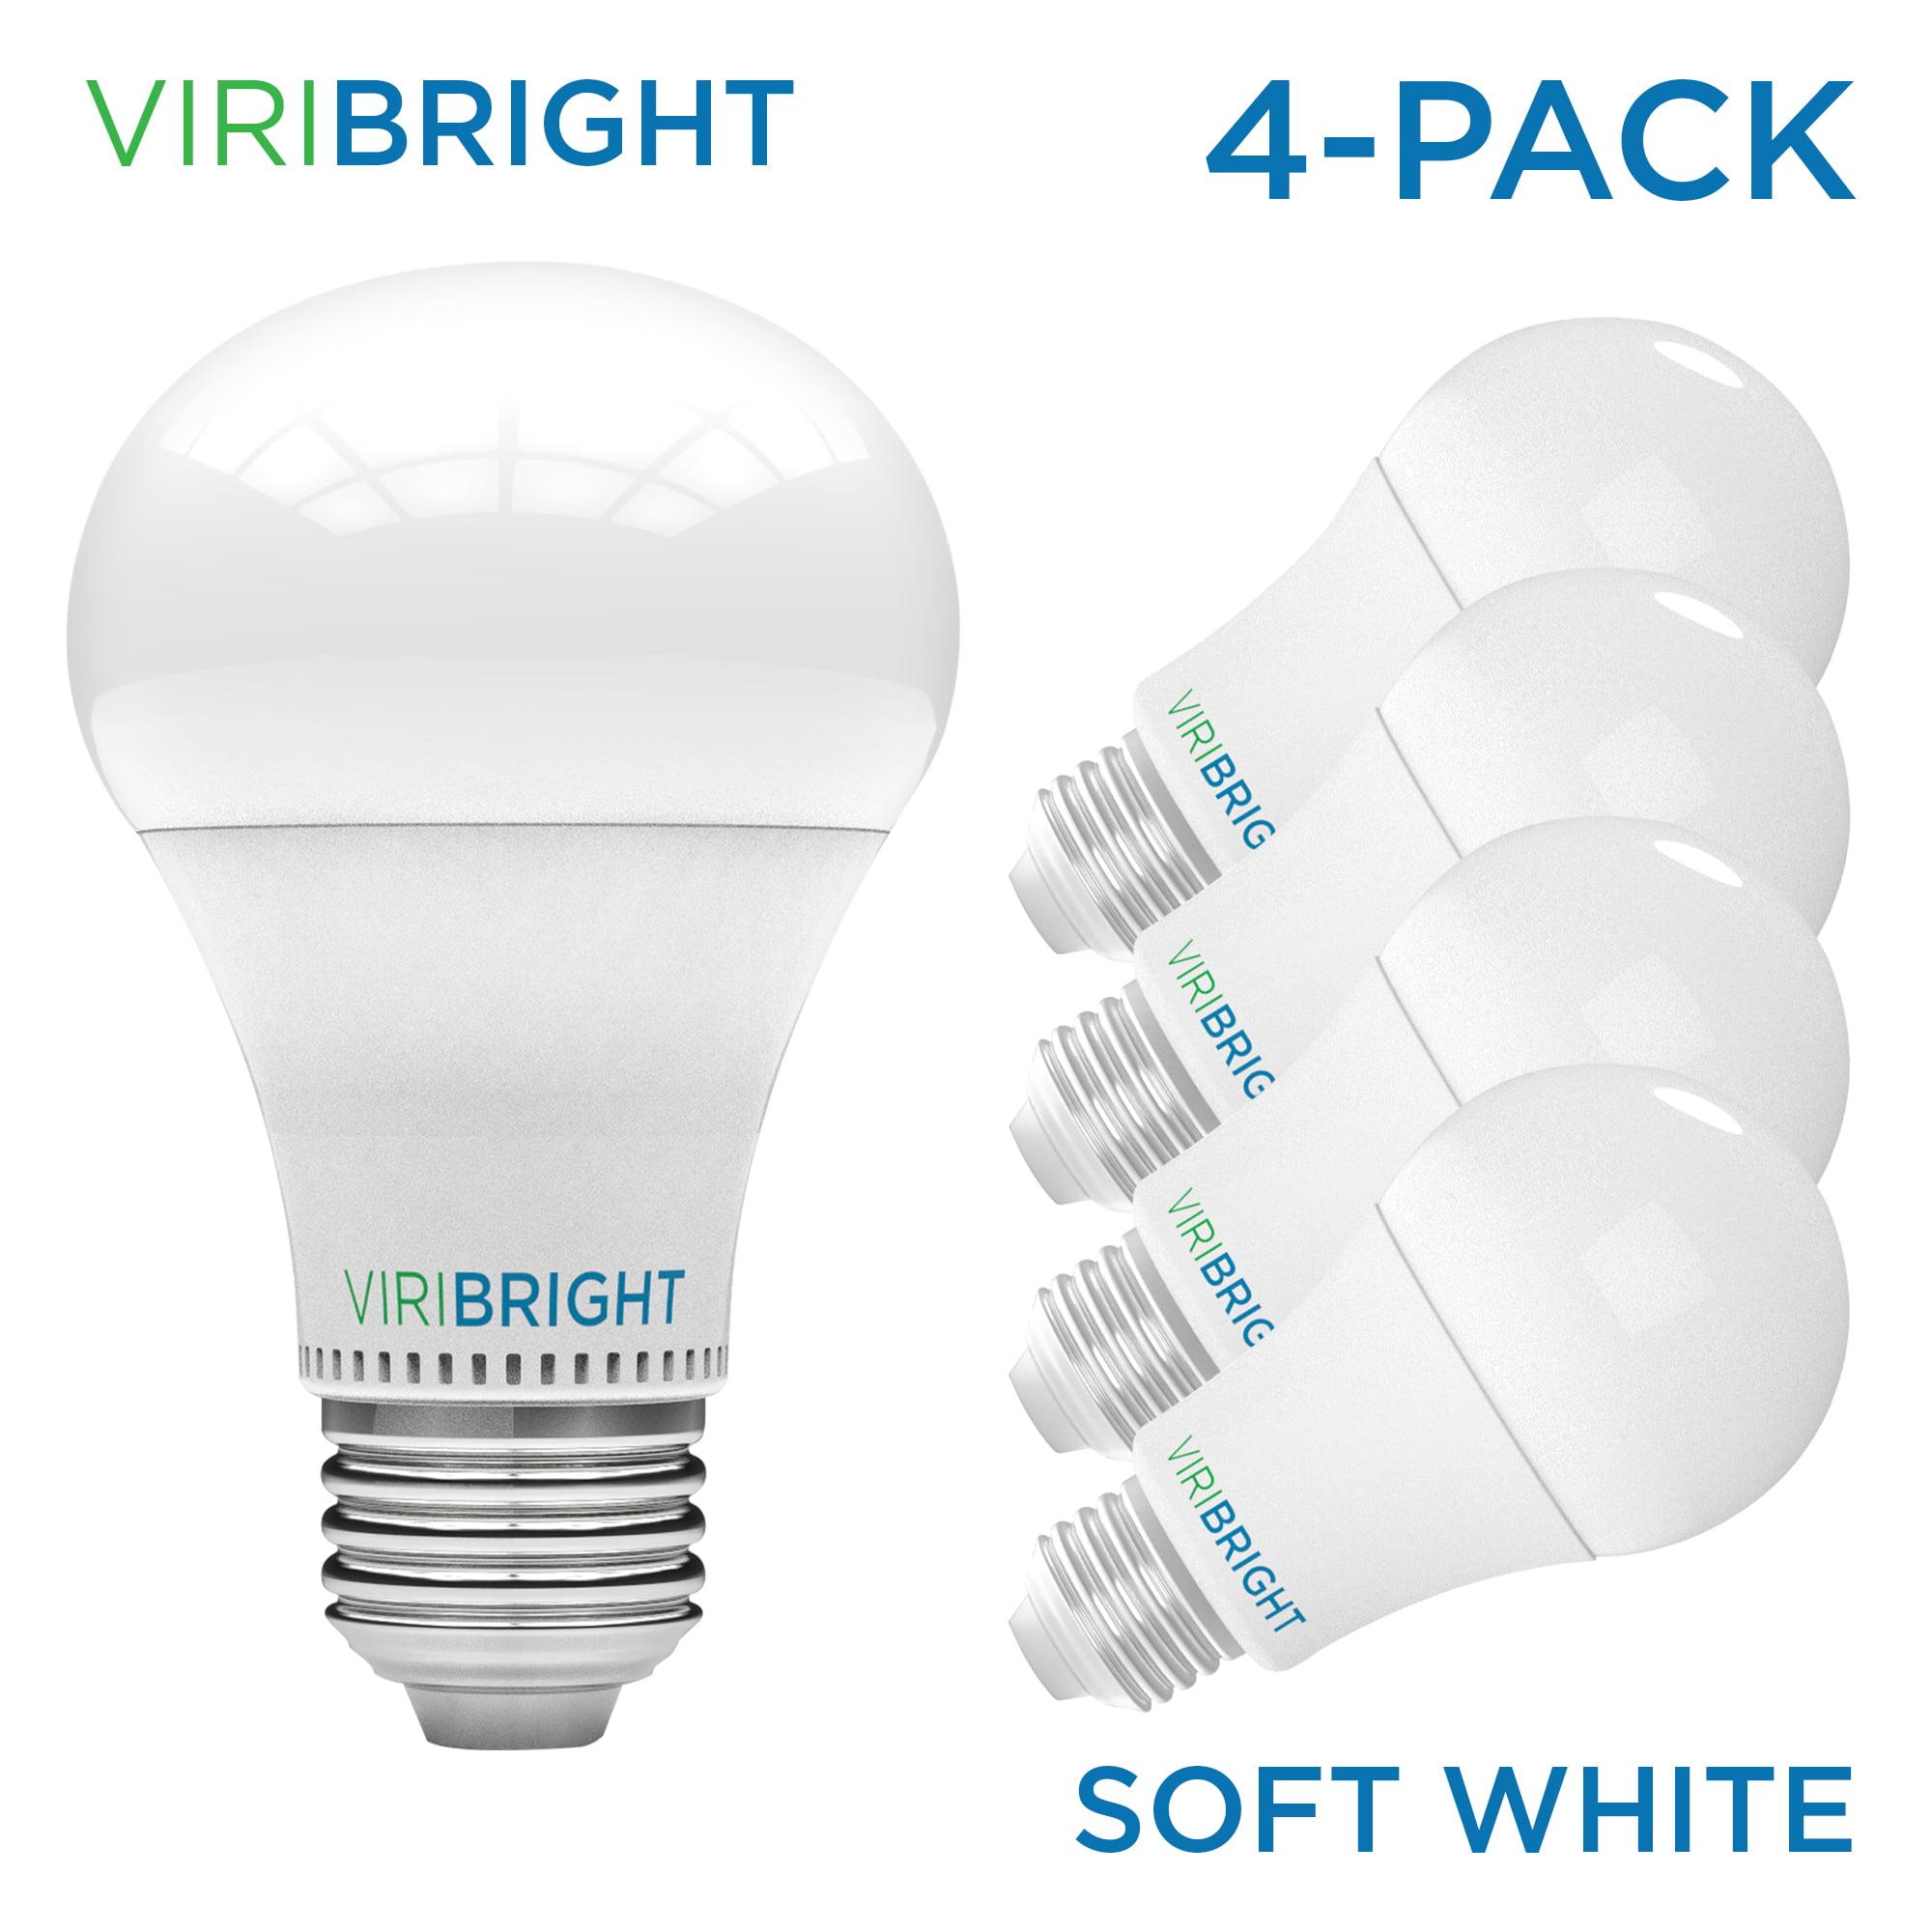 Viribright 100 Watt Equivalent LED Light Bulb, 2700K Warm White (Soft White), Medium Screw Base (E26), Pack of 4